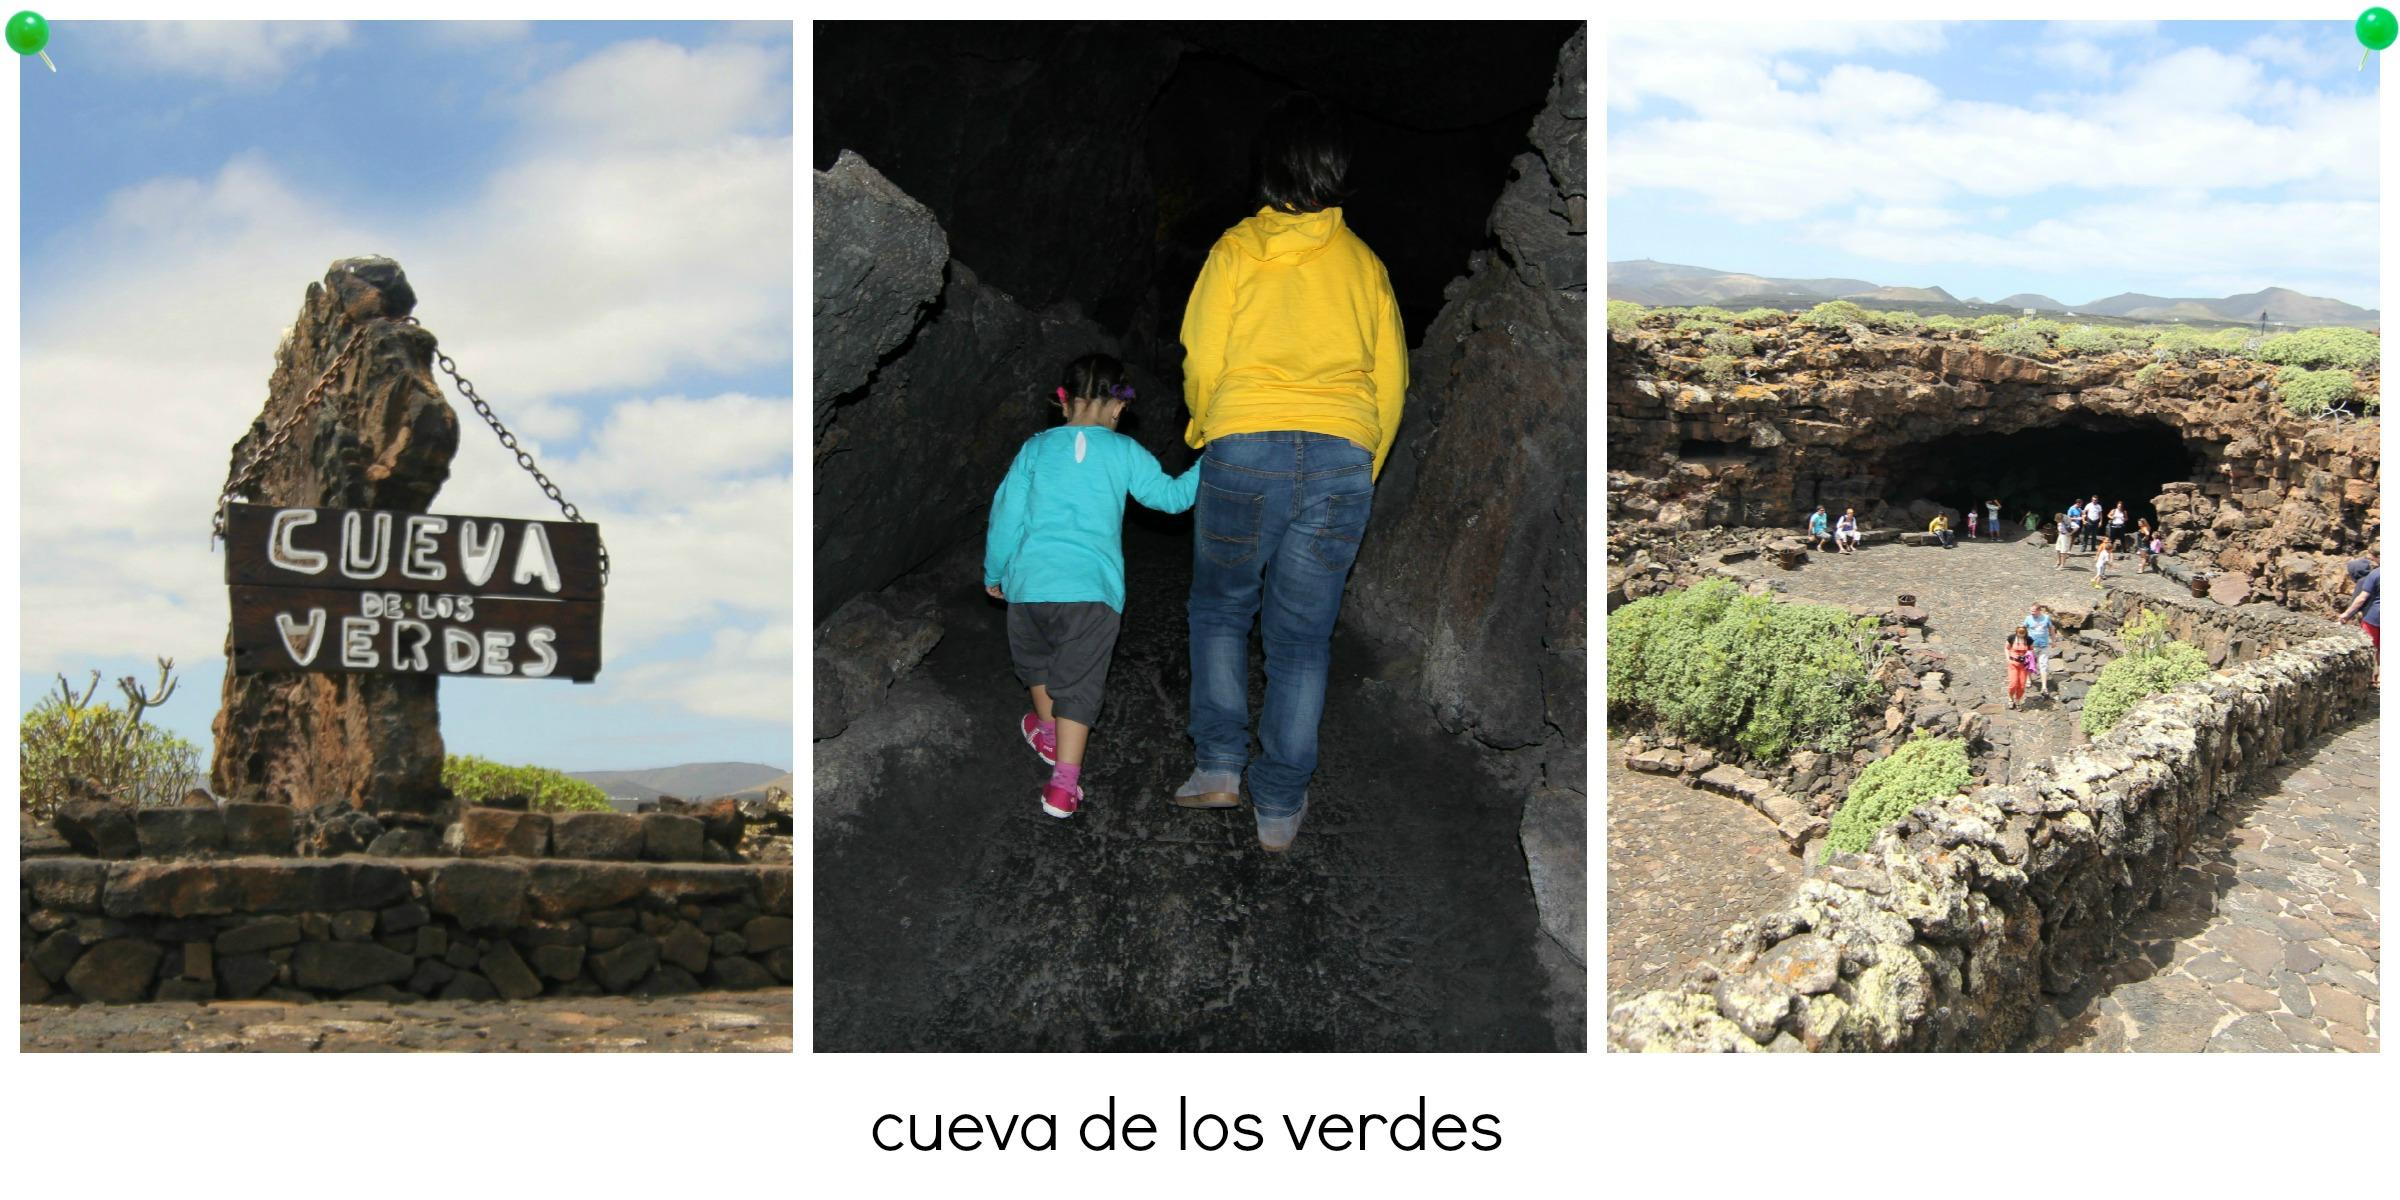 cuevadelosverdes2a